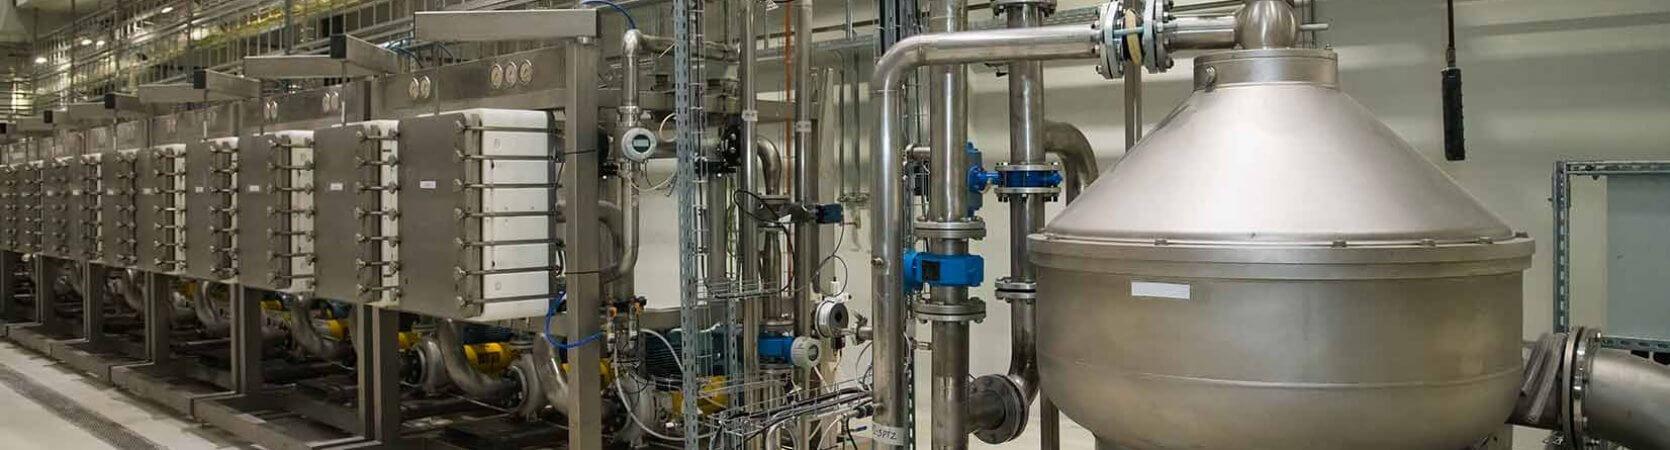 EAD Corporate Major Processing Line Upgrade